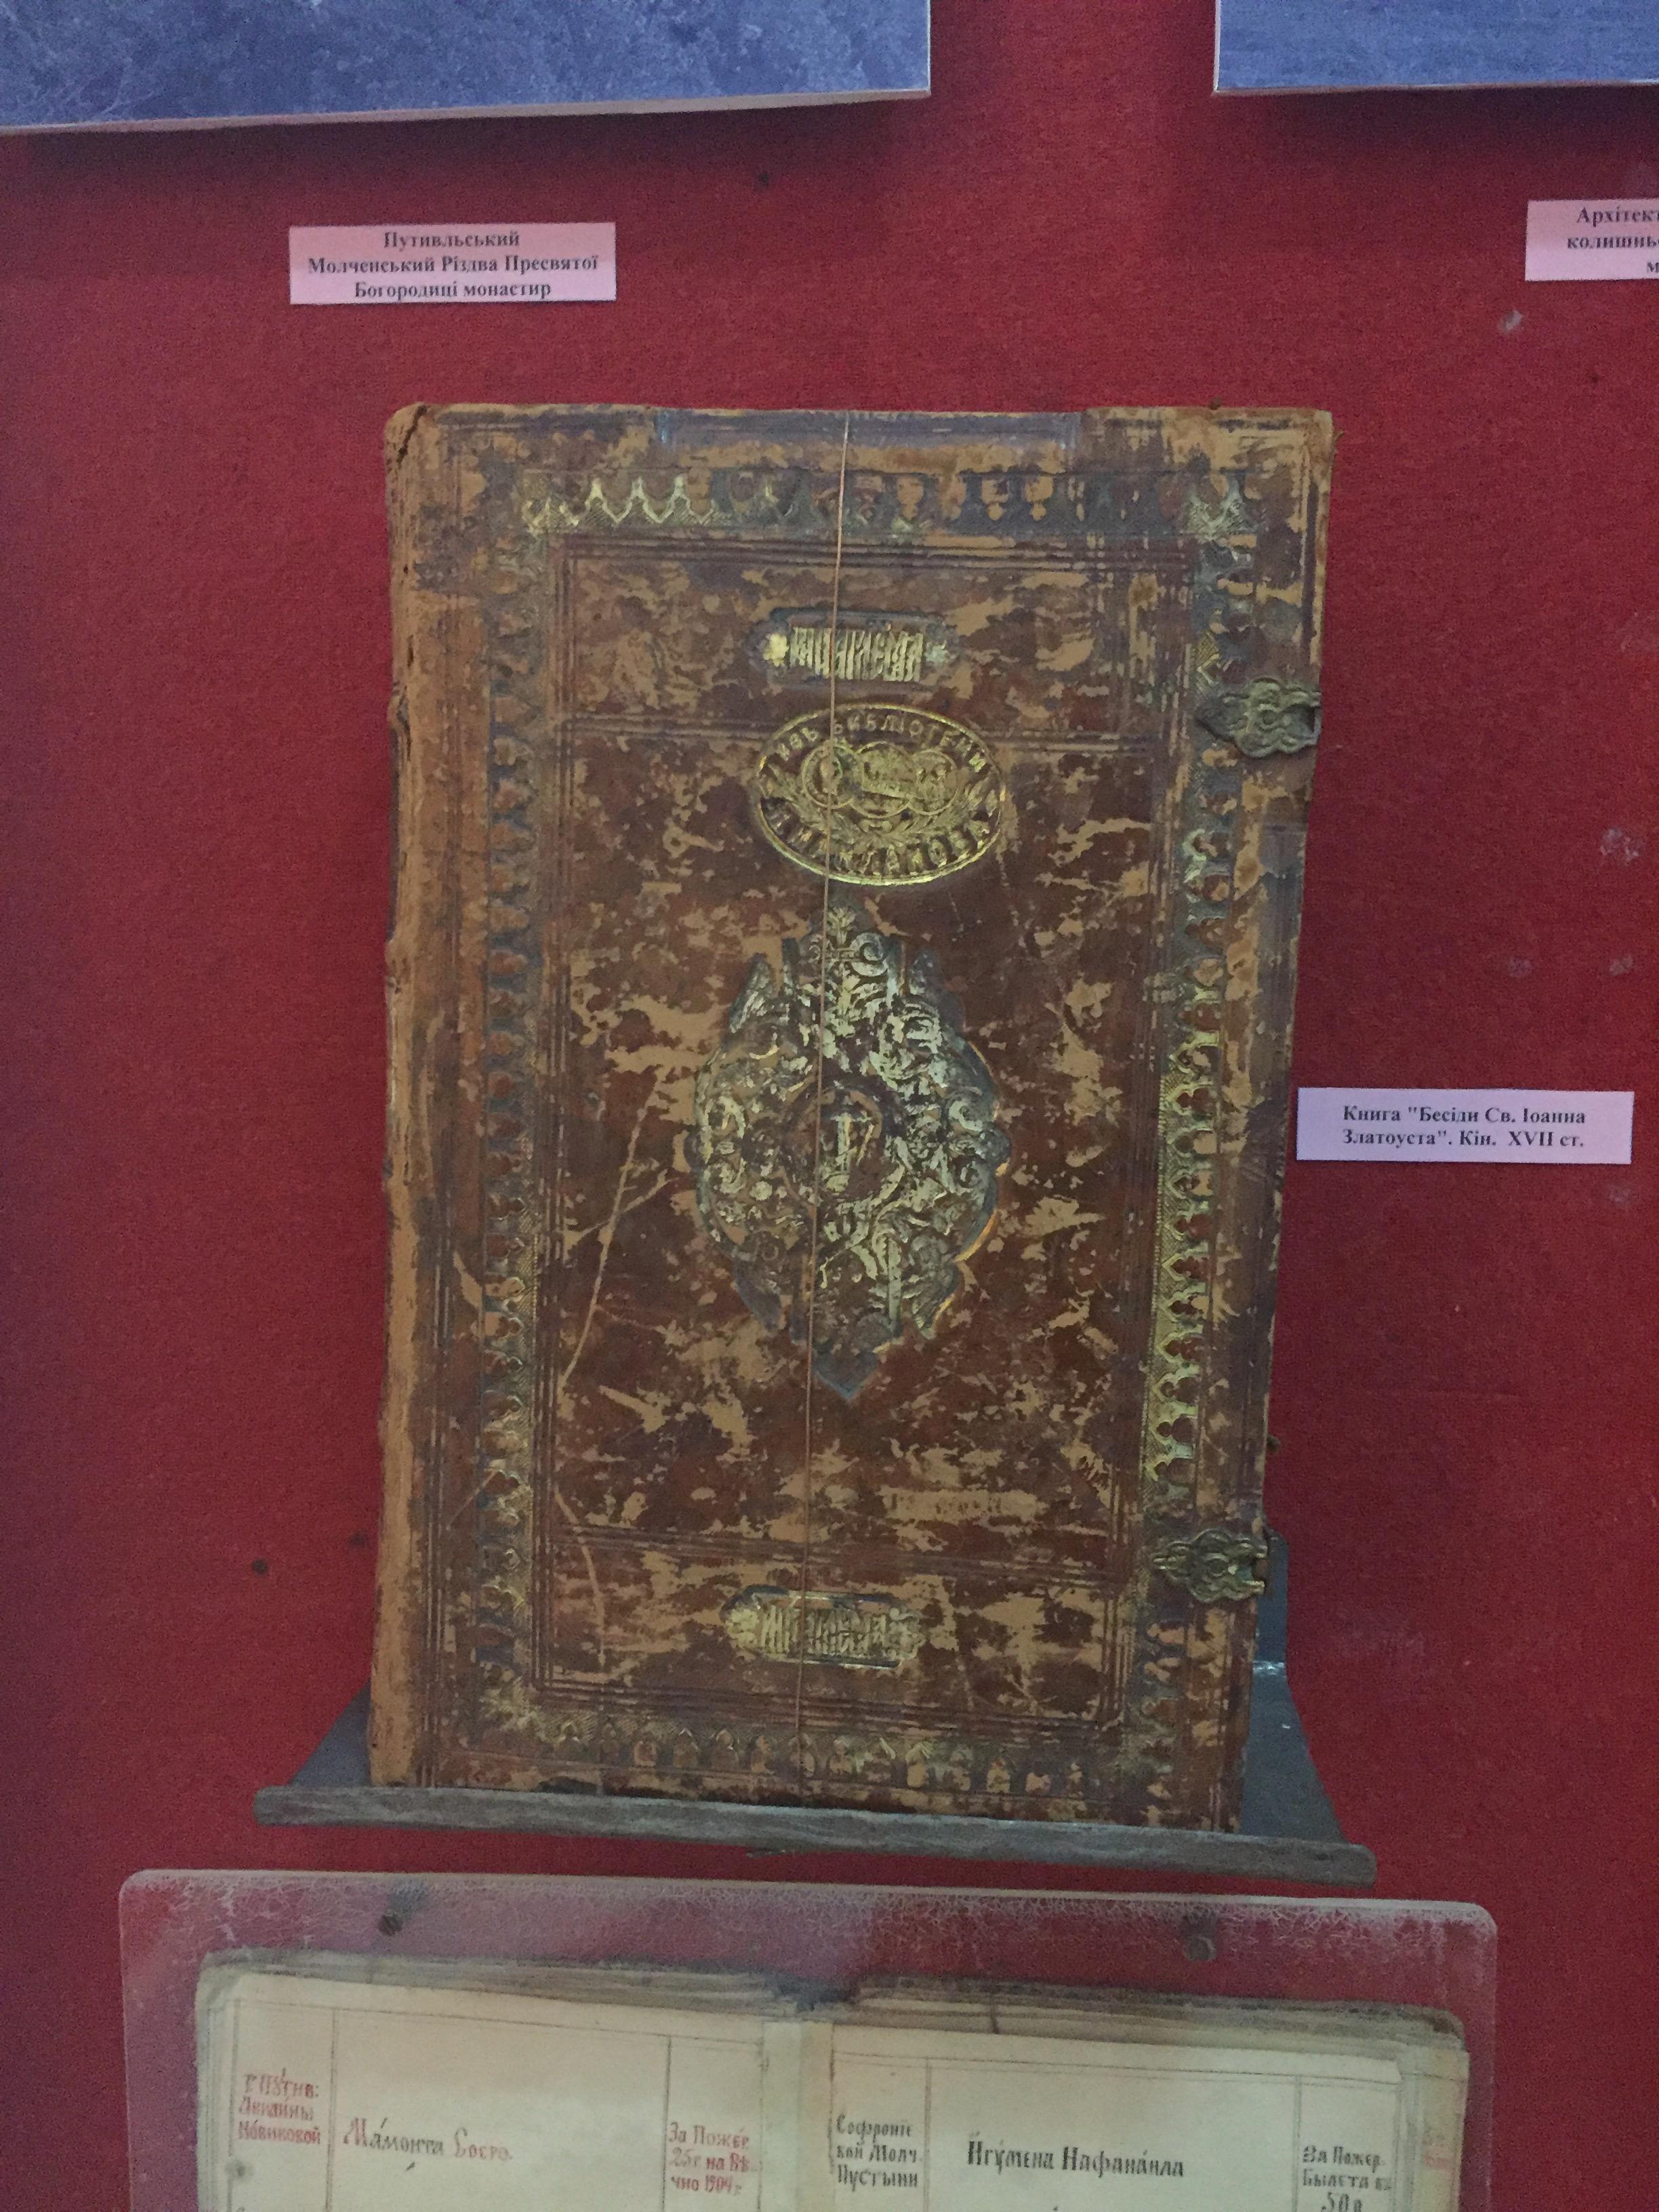 聖ヨフの書籍